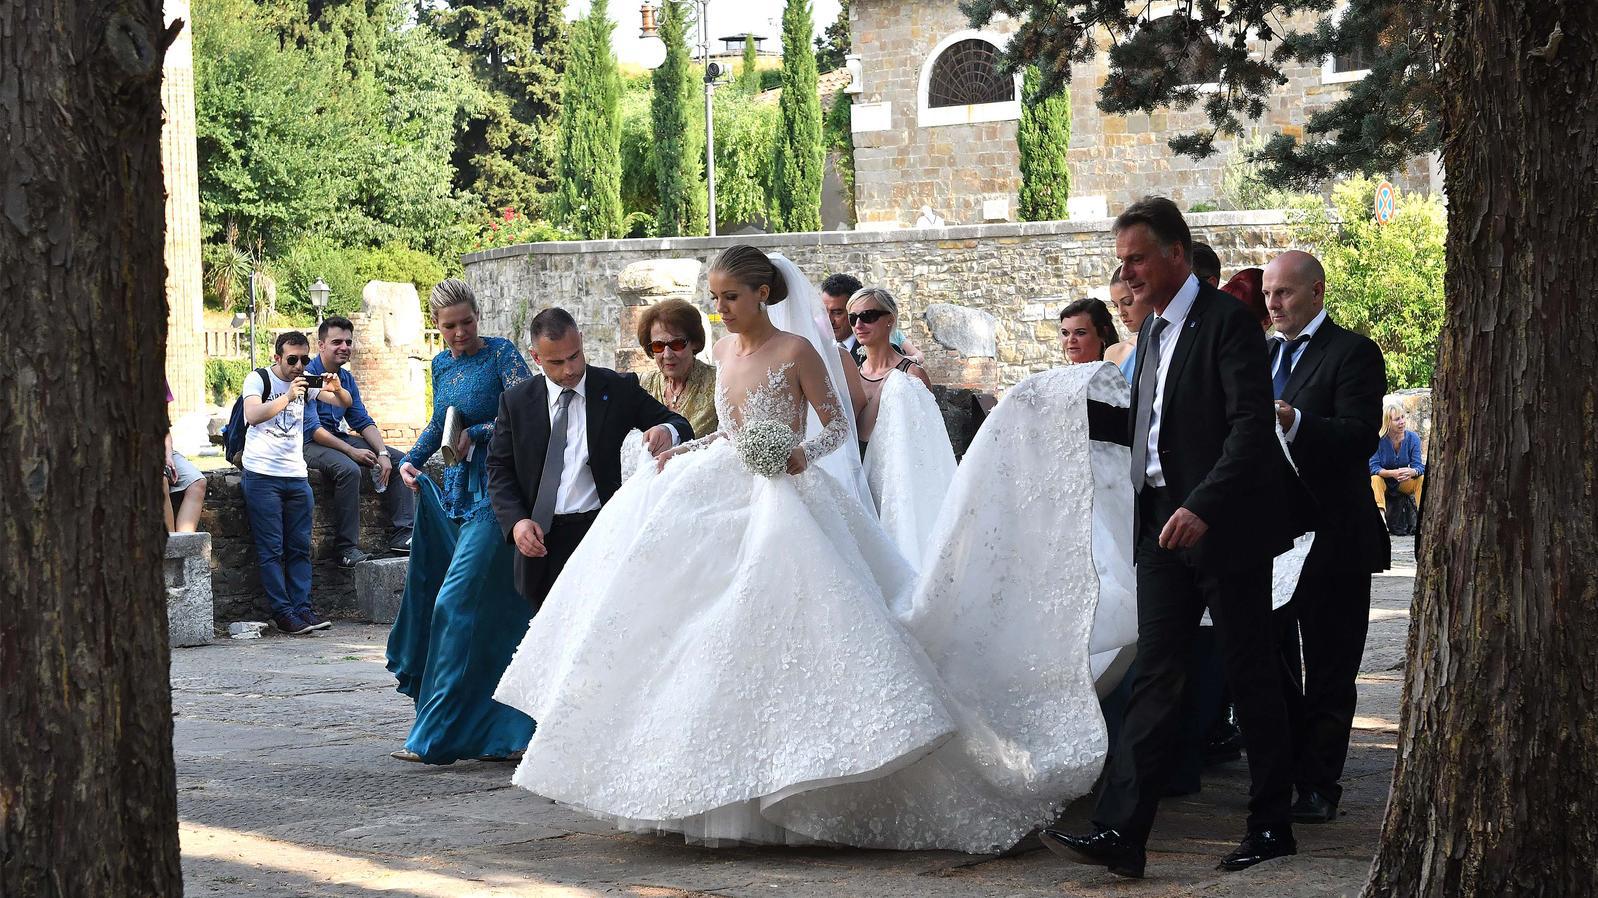 لباس 700000 پوندی سواروسکی